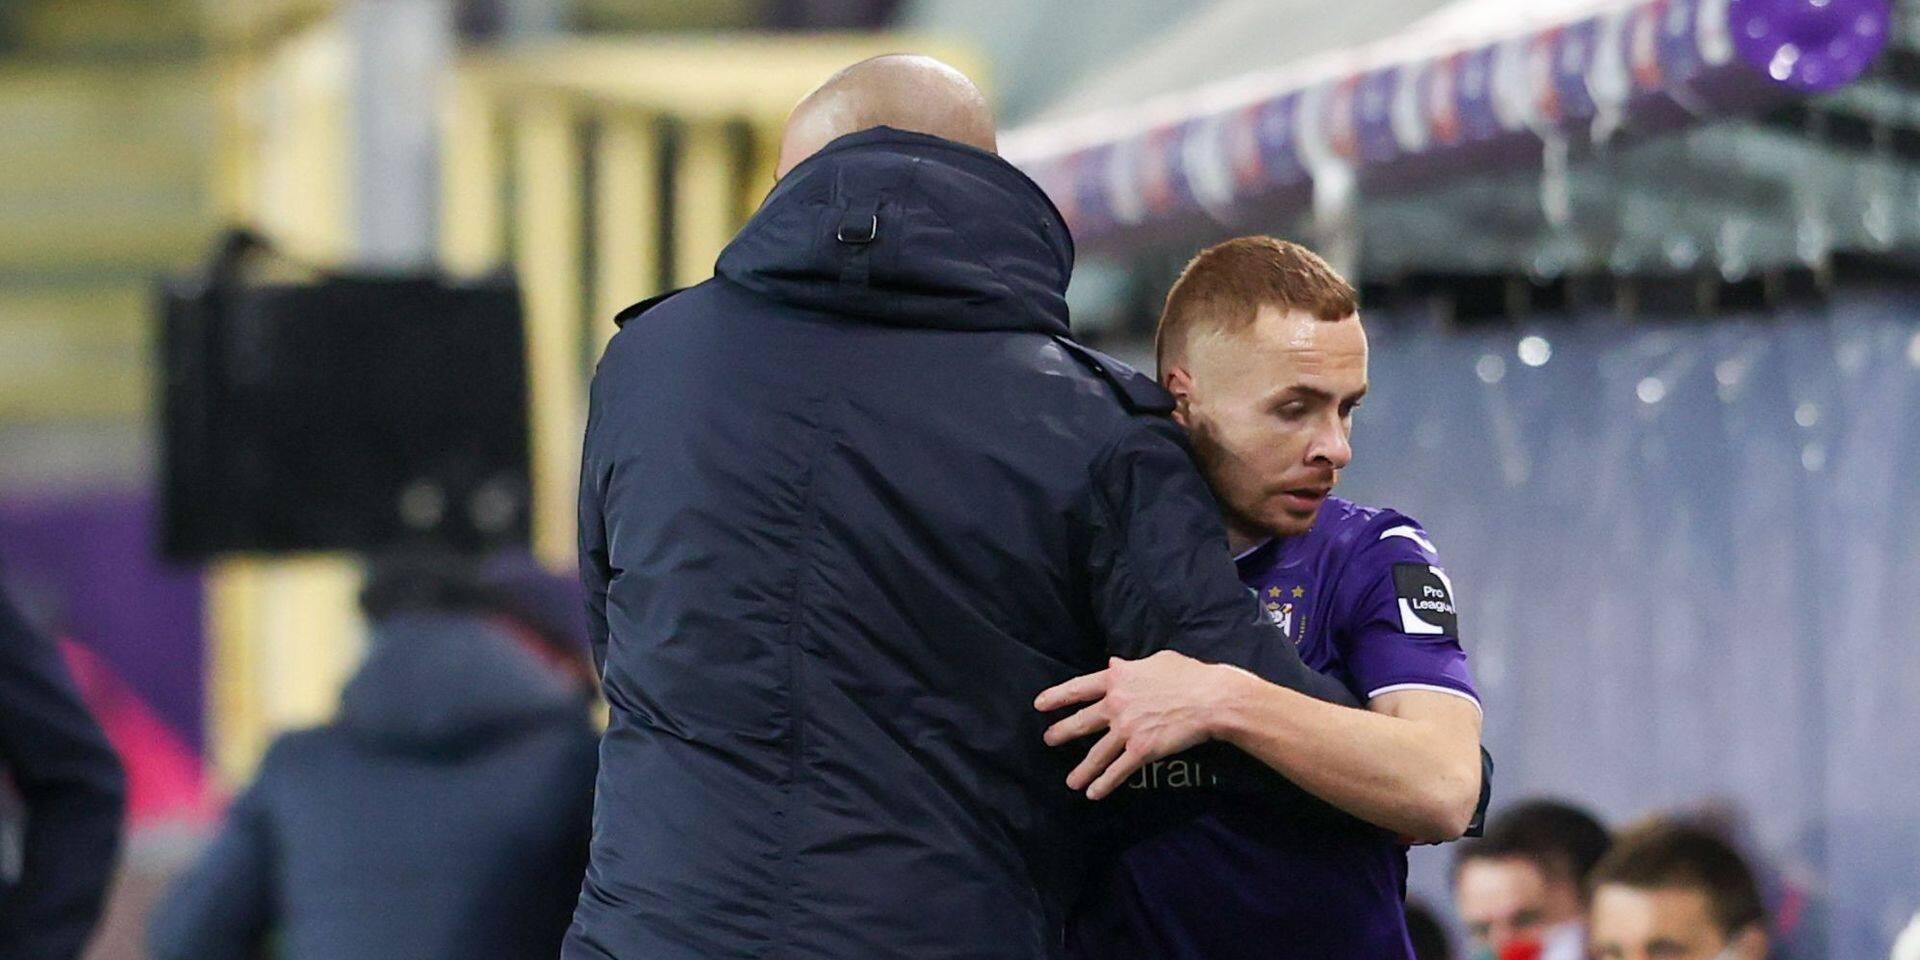 """Sa blessure, sa relation avec Kompany, son avenir, Trebel se confie: """"Si le club me demande de partir, je partirai"""""""